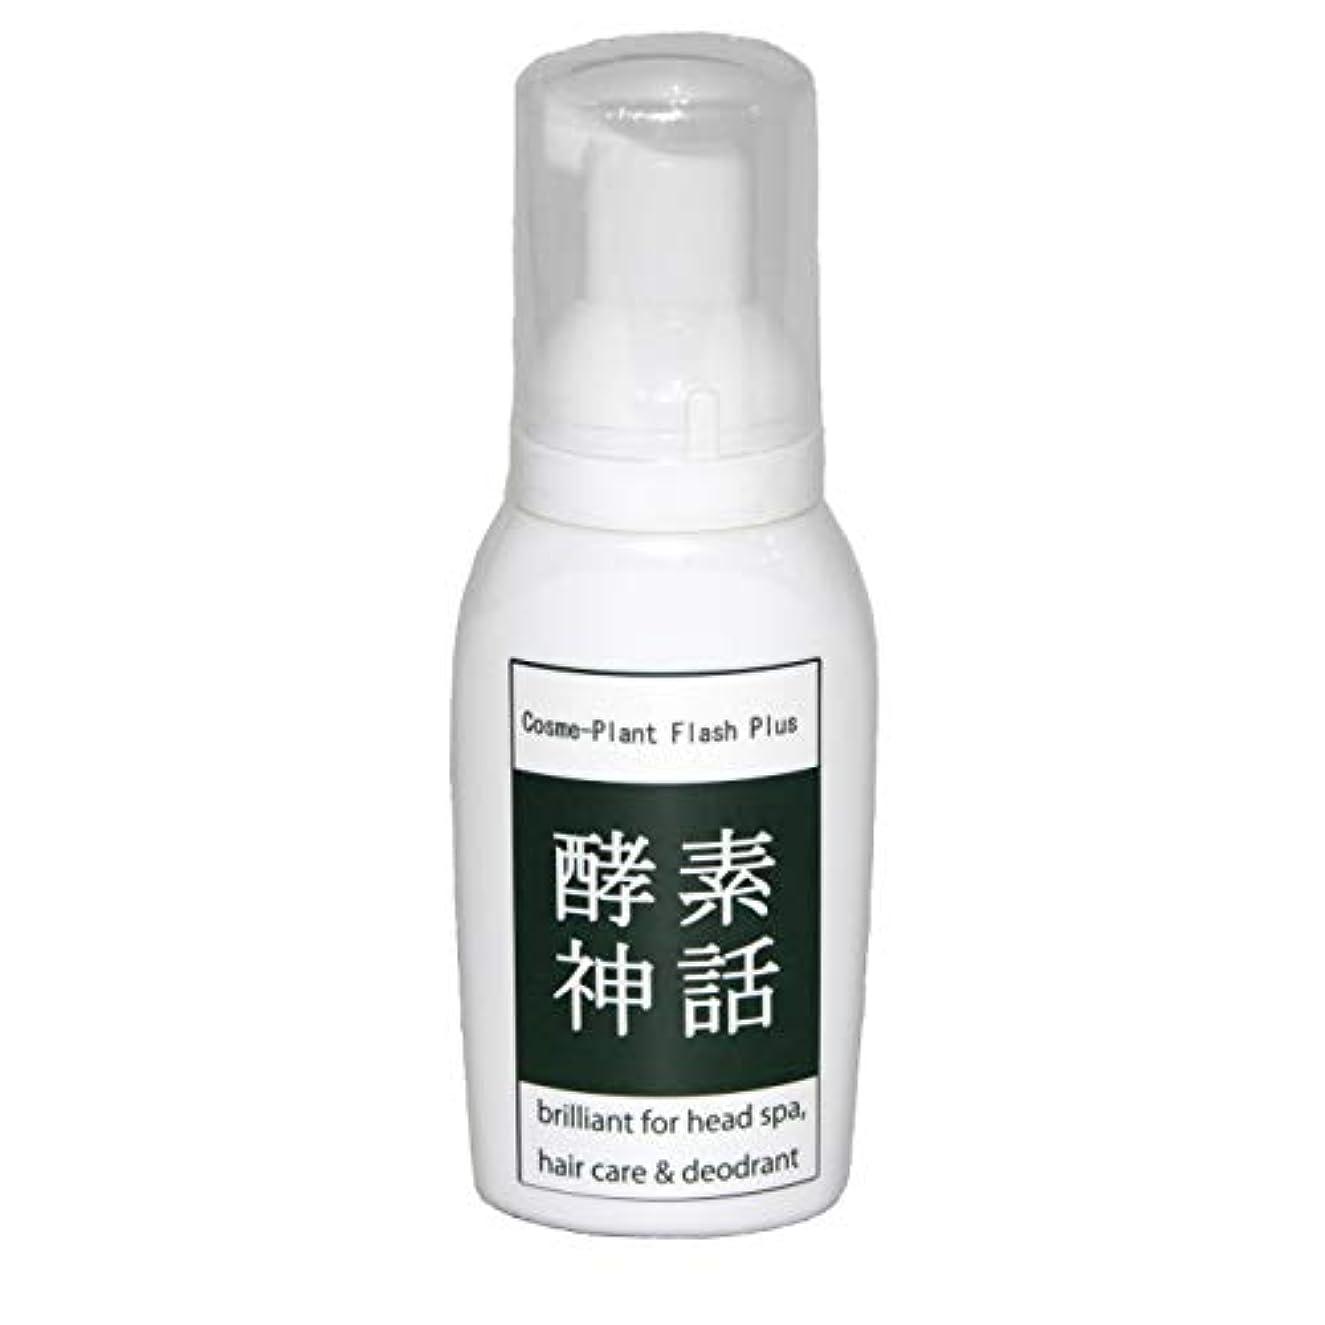 適応する非アクティブ酵素神話 80ml プロ顔負けのヘッドスパがご家庭で! 頭皮?毛穴のすっきり感?さわやか感 髪も元気に立ち上がり匂いも解消 使い方はとても簡単